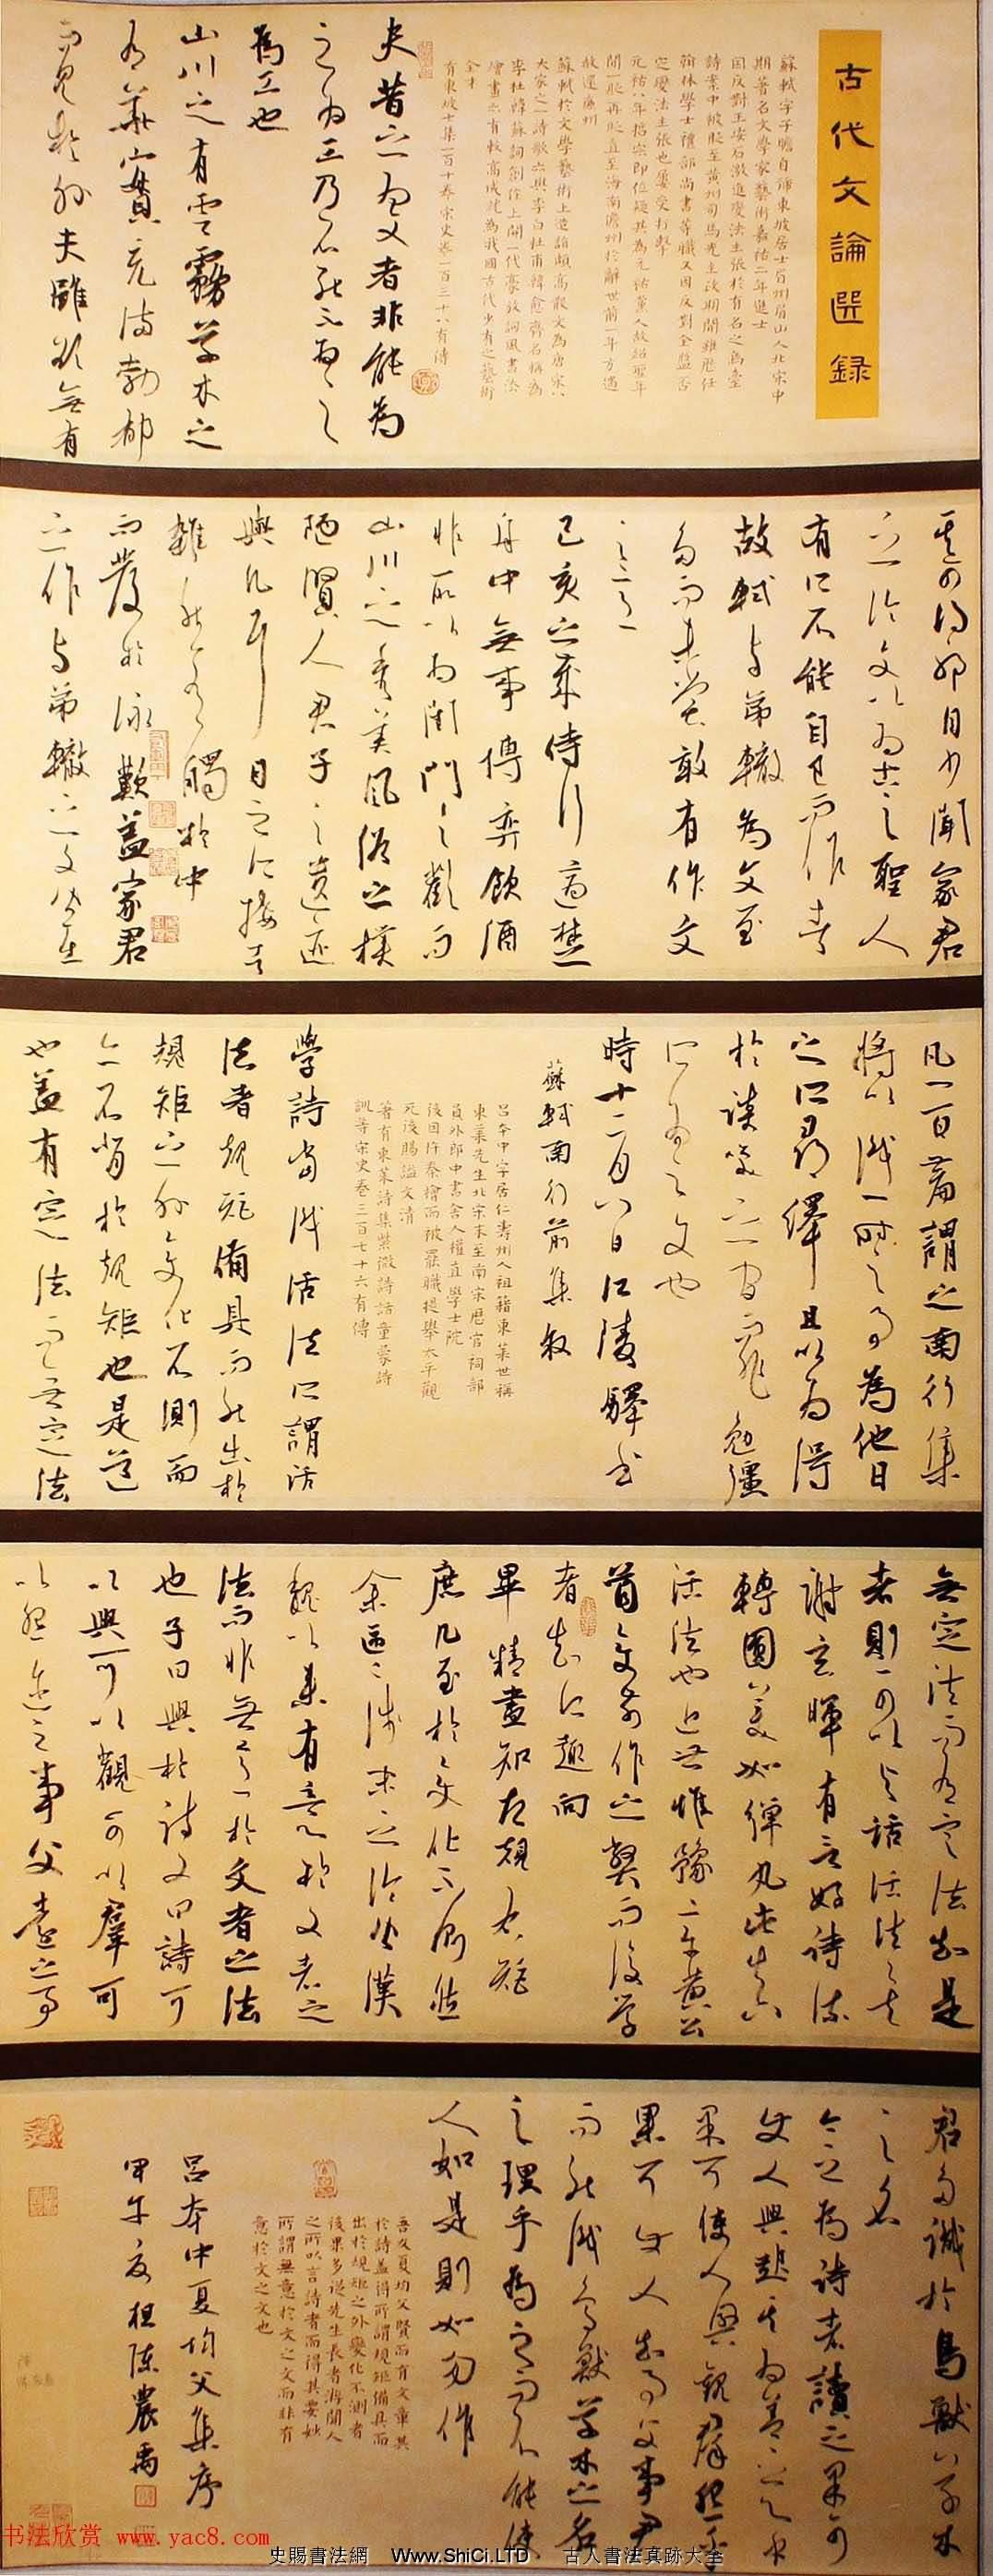 首屆長江杯全國書法展入展作品選刊70幅